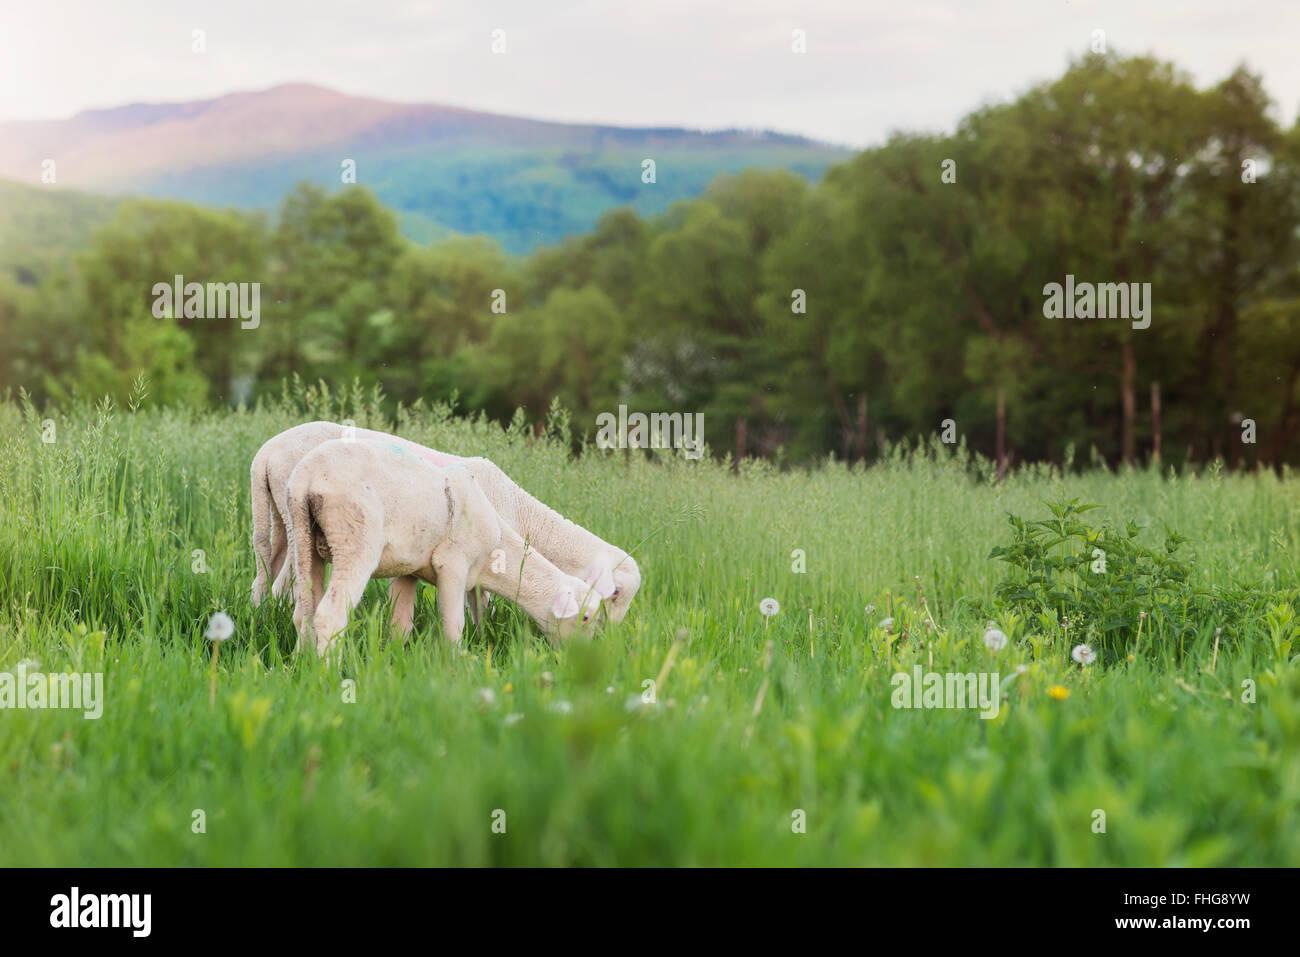 Zwei Schafe grasen auf der Wiese, grüne Gräser und Bäume Stockbild